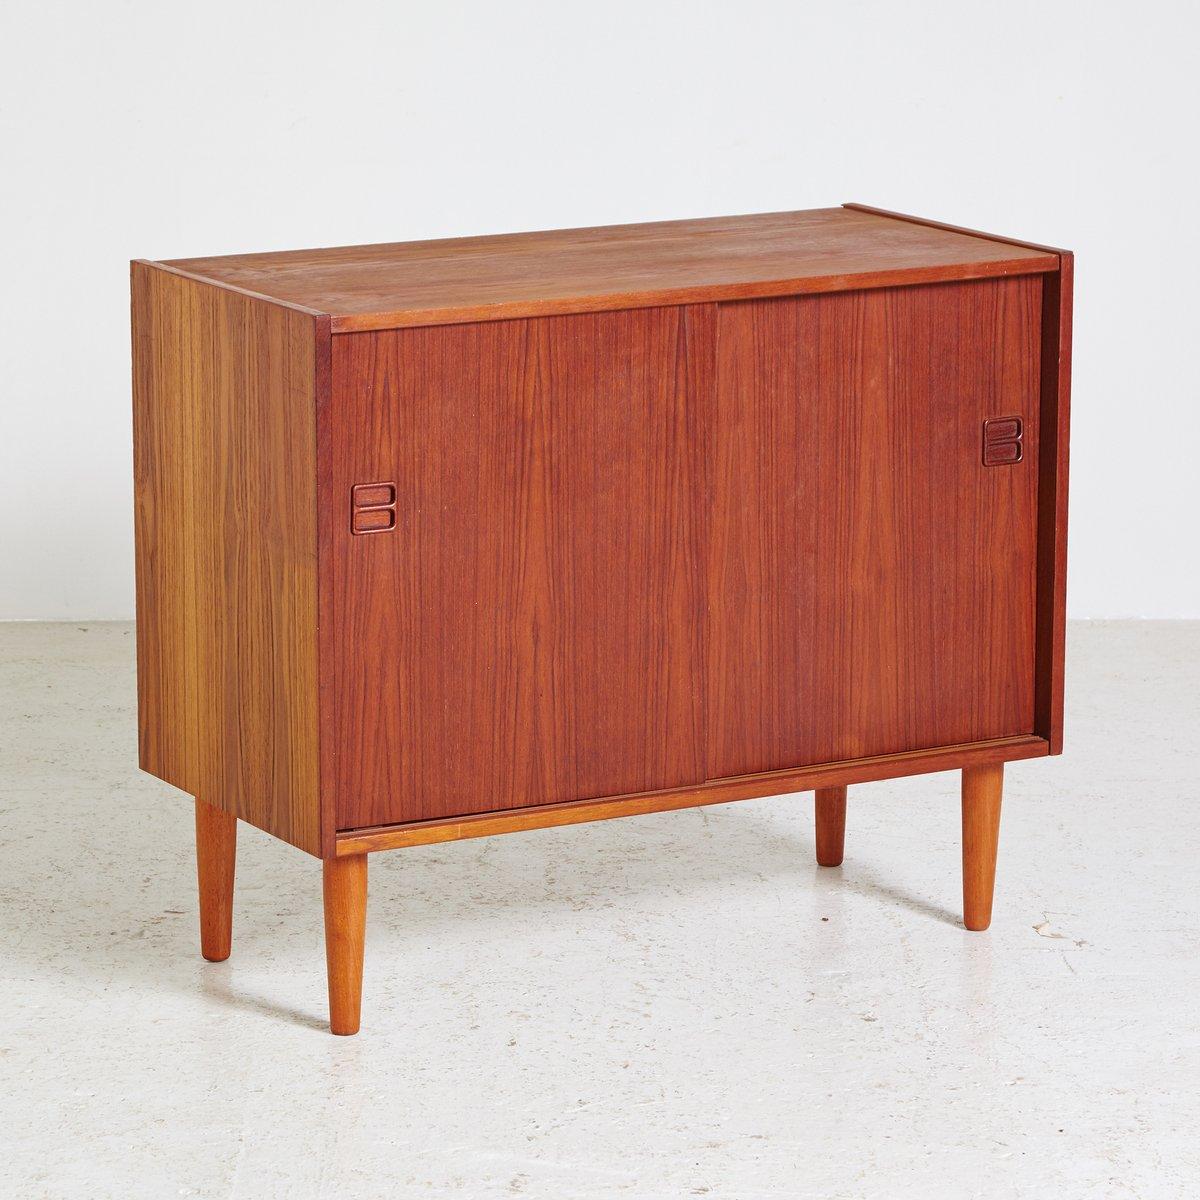 Kleines d nisches teak sideboard 1960er bei pamono kaufen for Sideboard danisches design